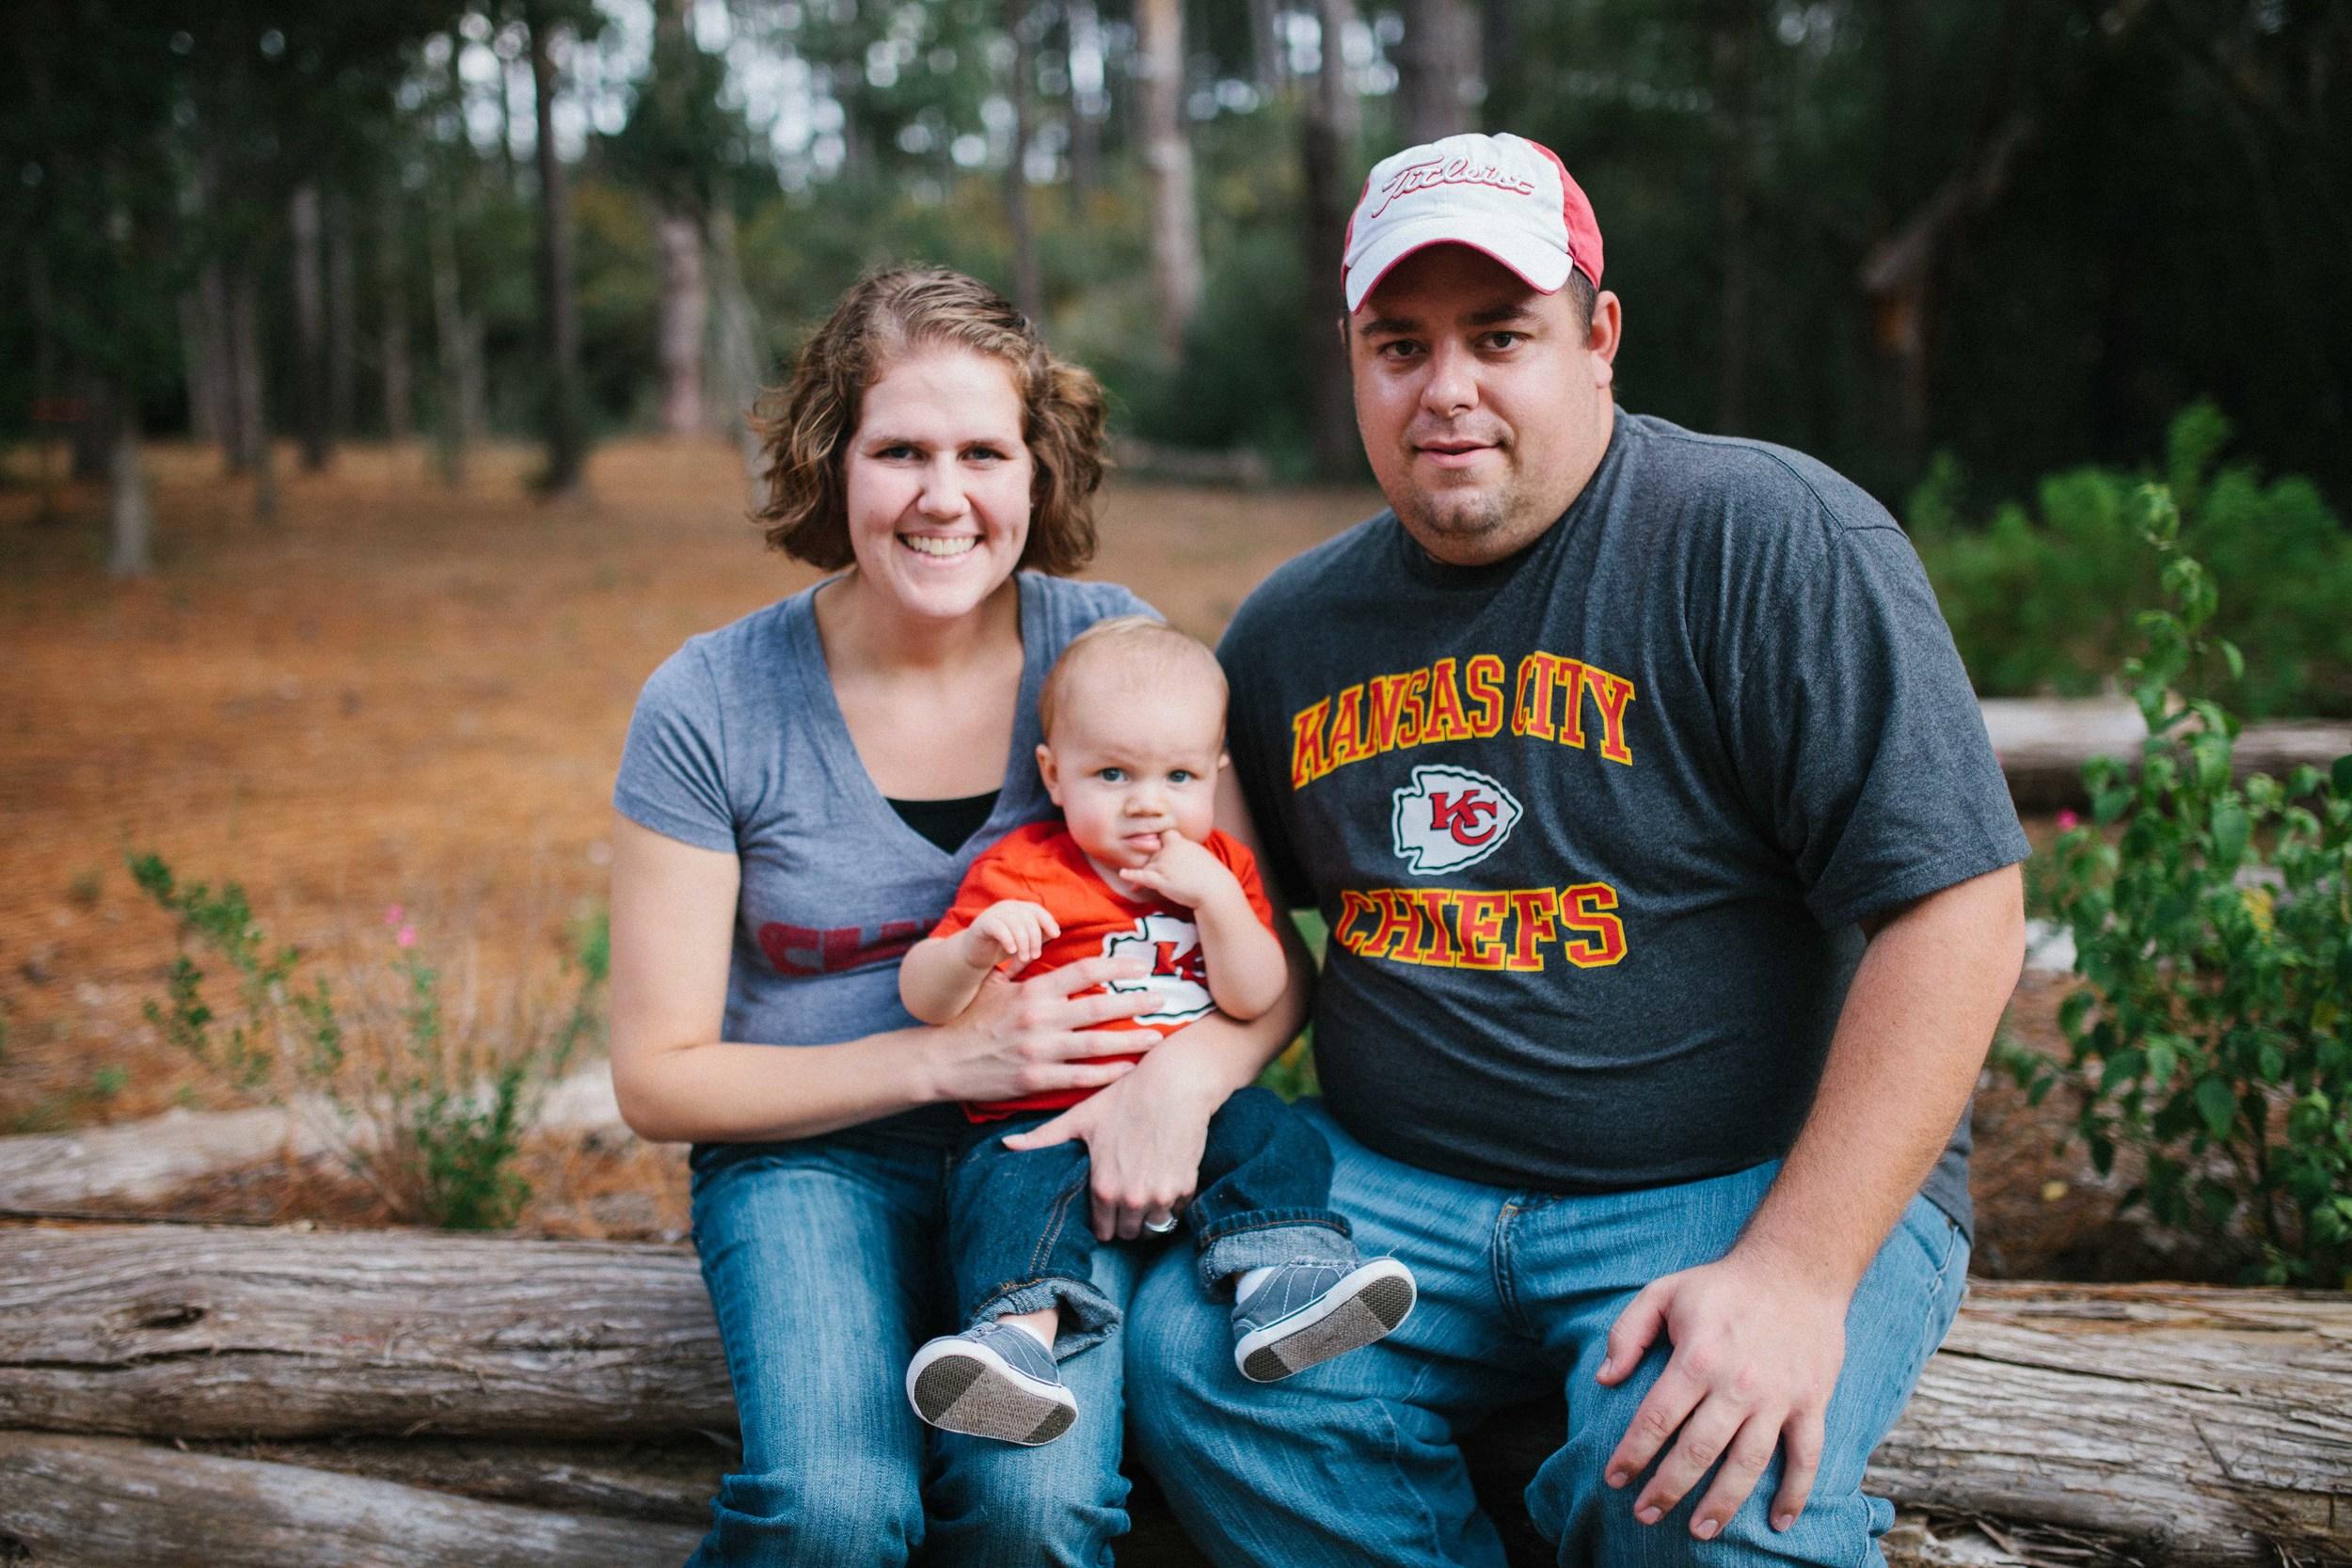 Graebner_HoustonTexas_family-34.JPG